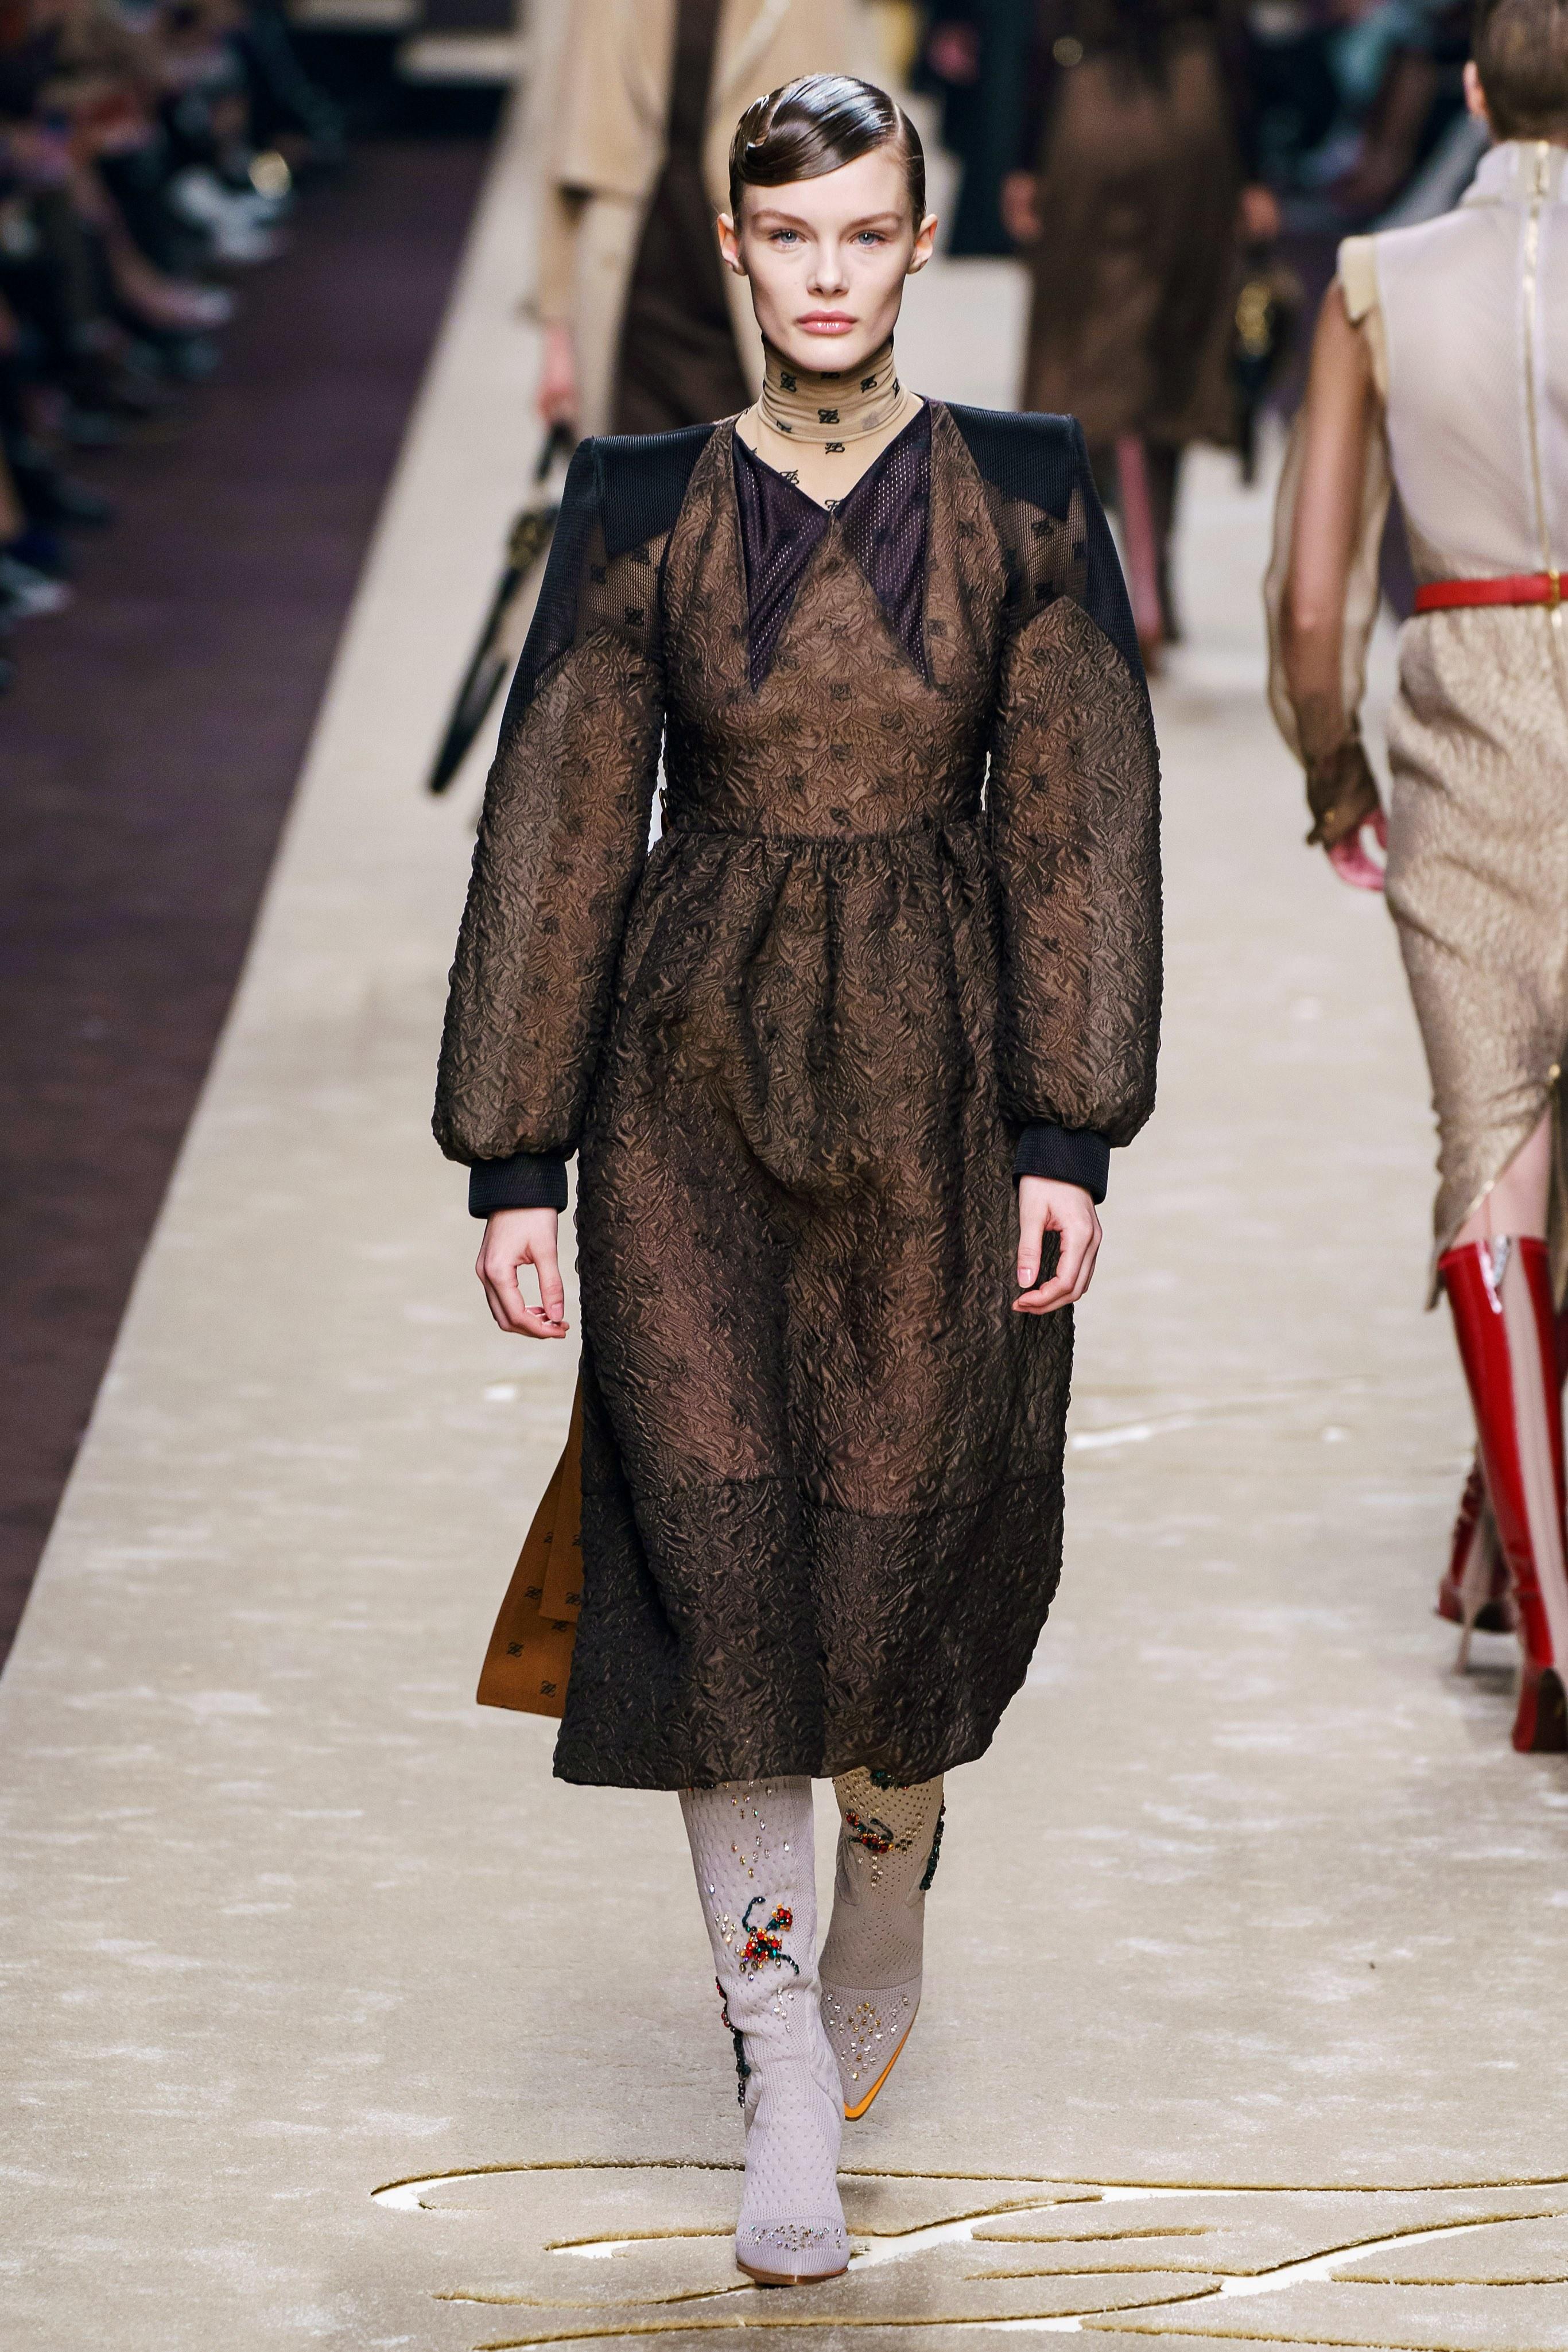 Fendi Есен/Зима 2019: Fashion's longest love story: Последната на Карл за Fendi